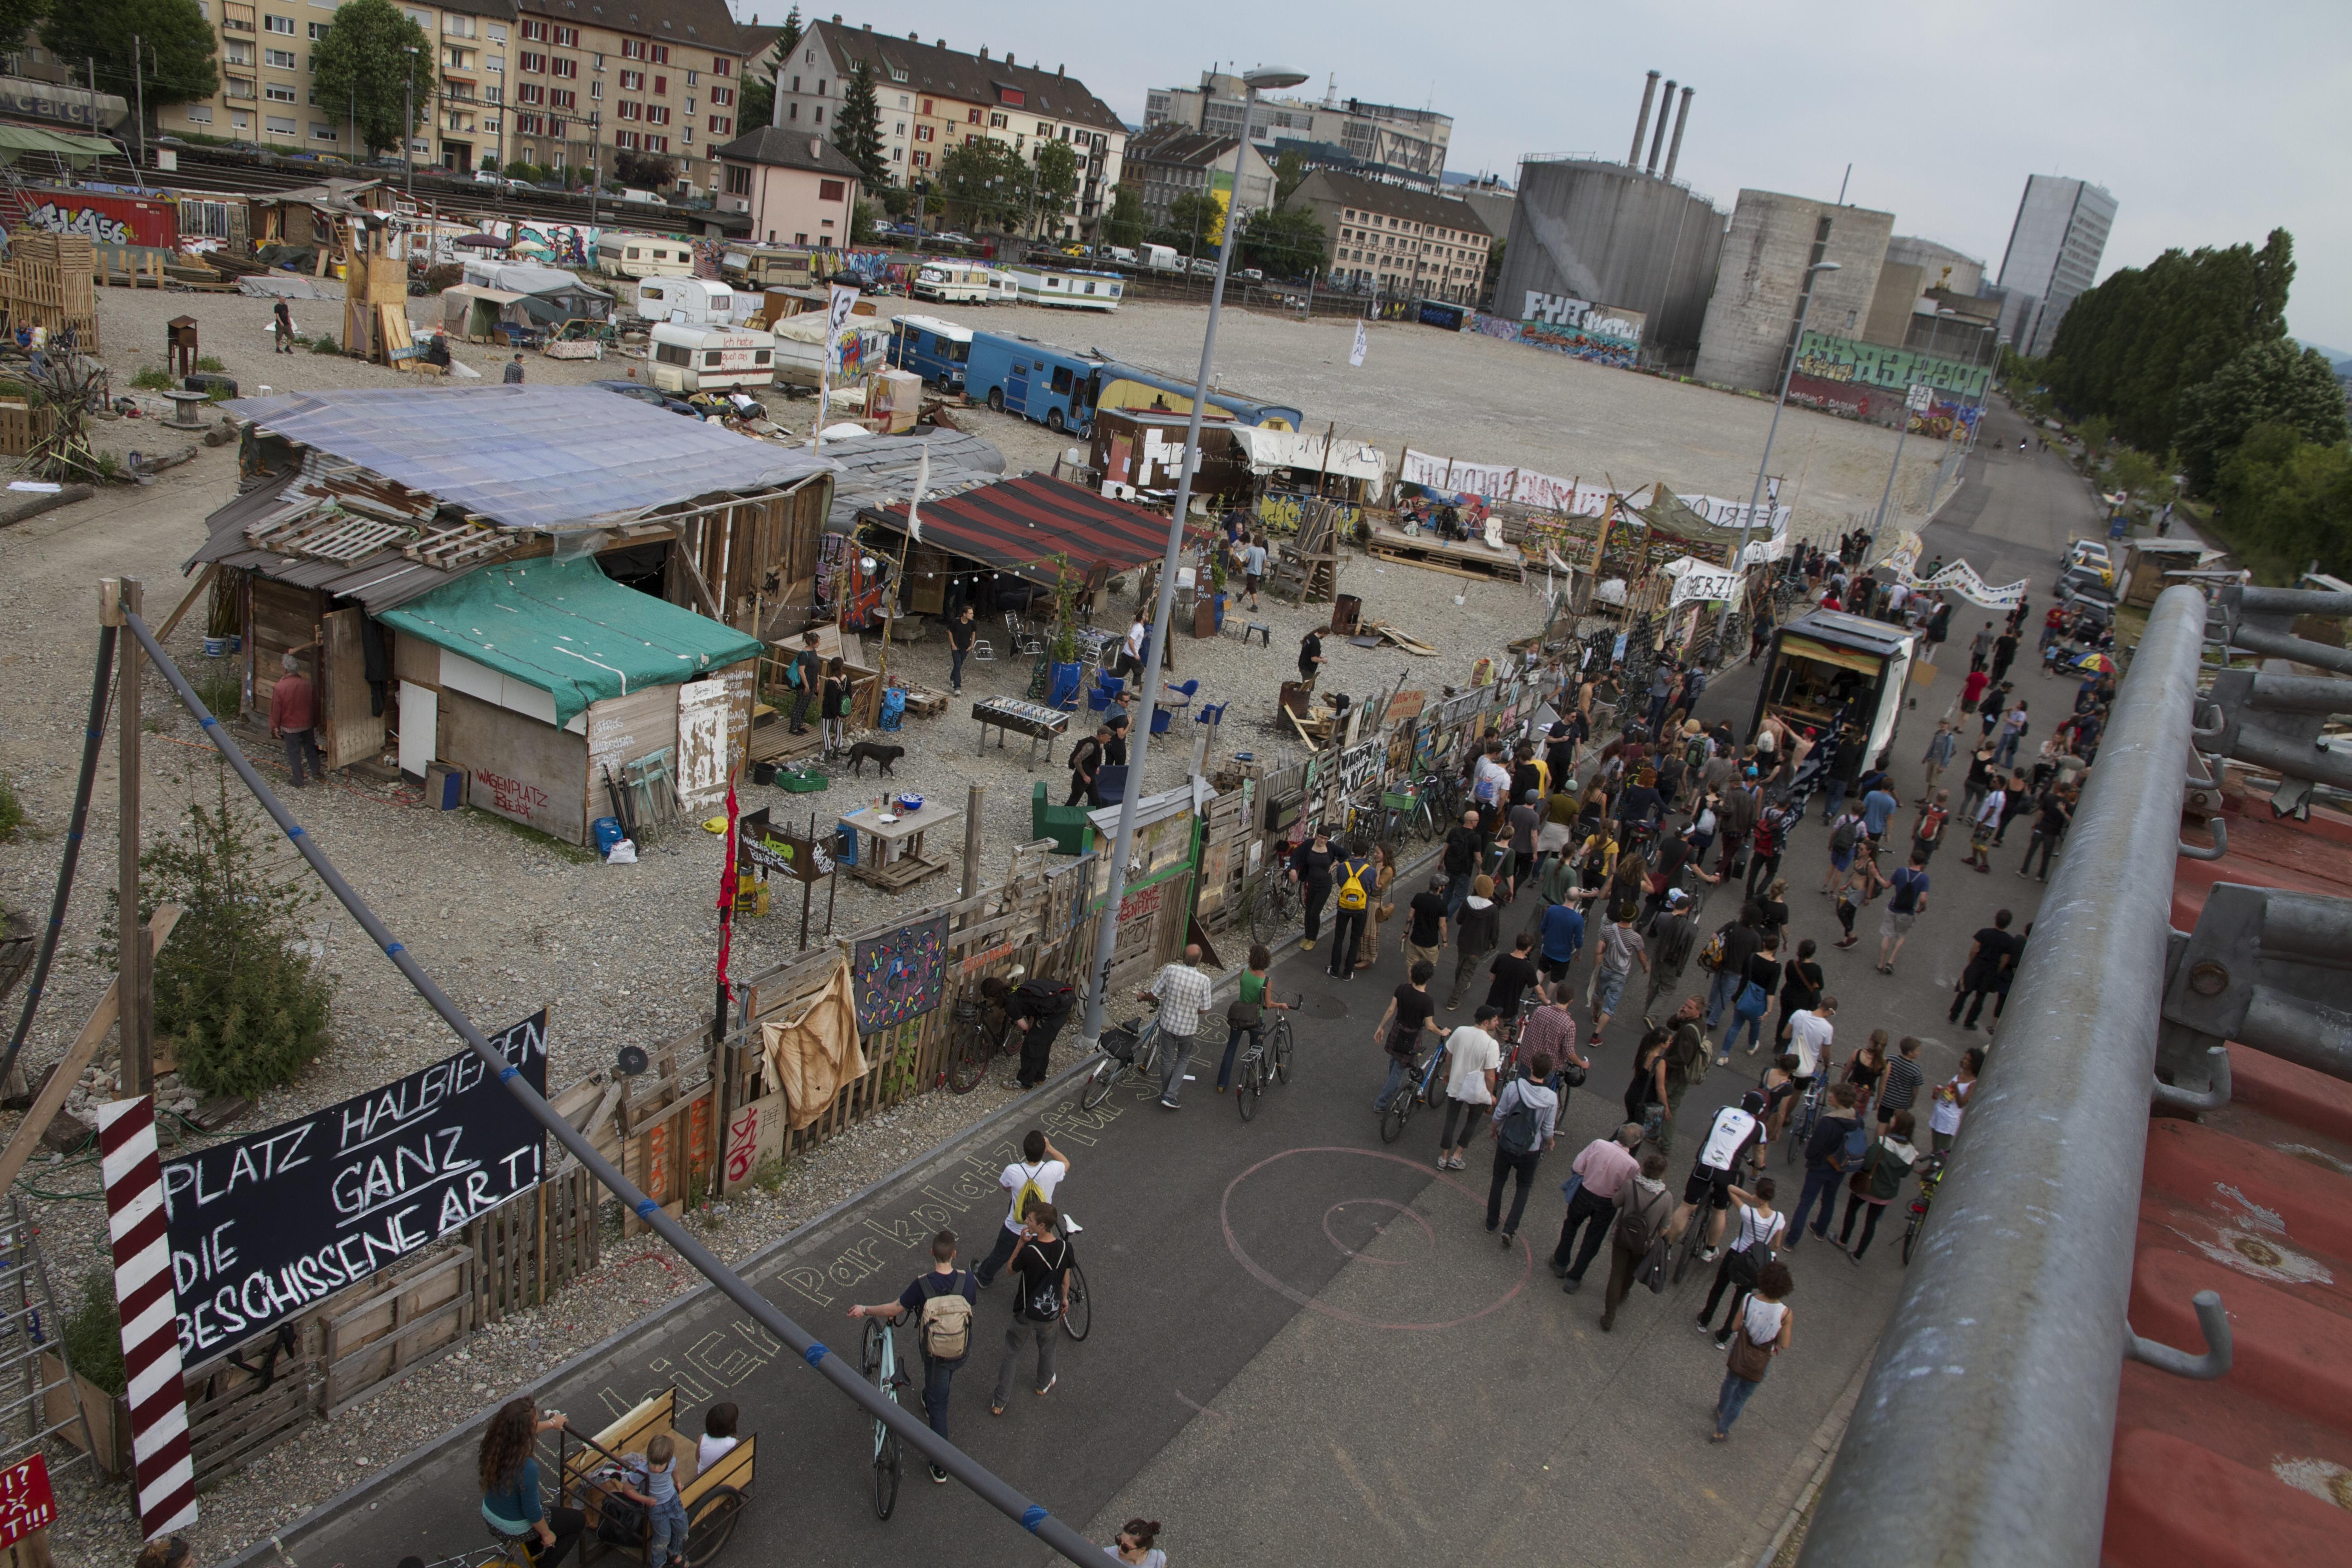 Ein Teil der Demonstranten kommt am Abschnitt des Wagenplatzes an, der bei der Reduktion, die von der Regierung gefordert wird, abgerissen werden müsste.